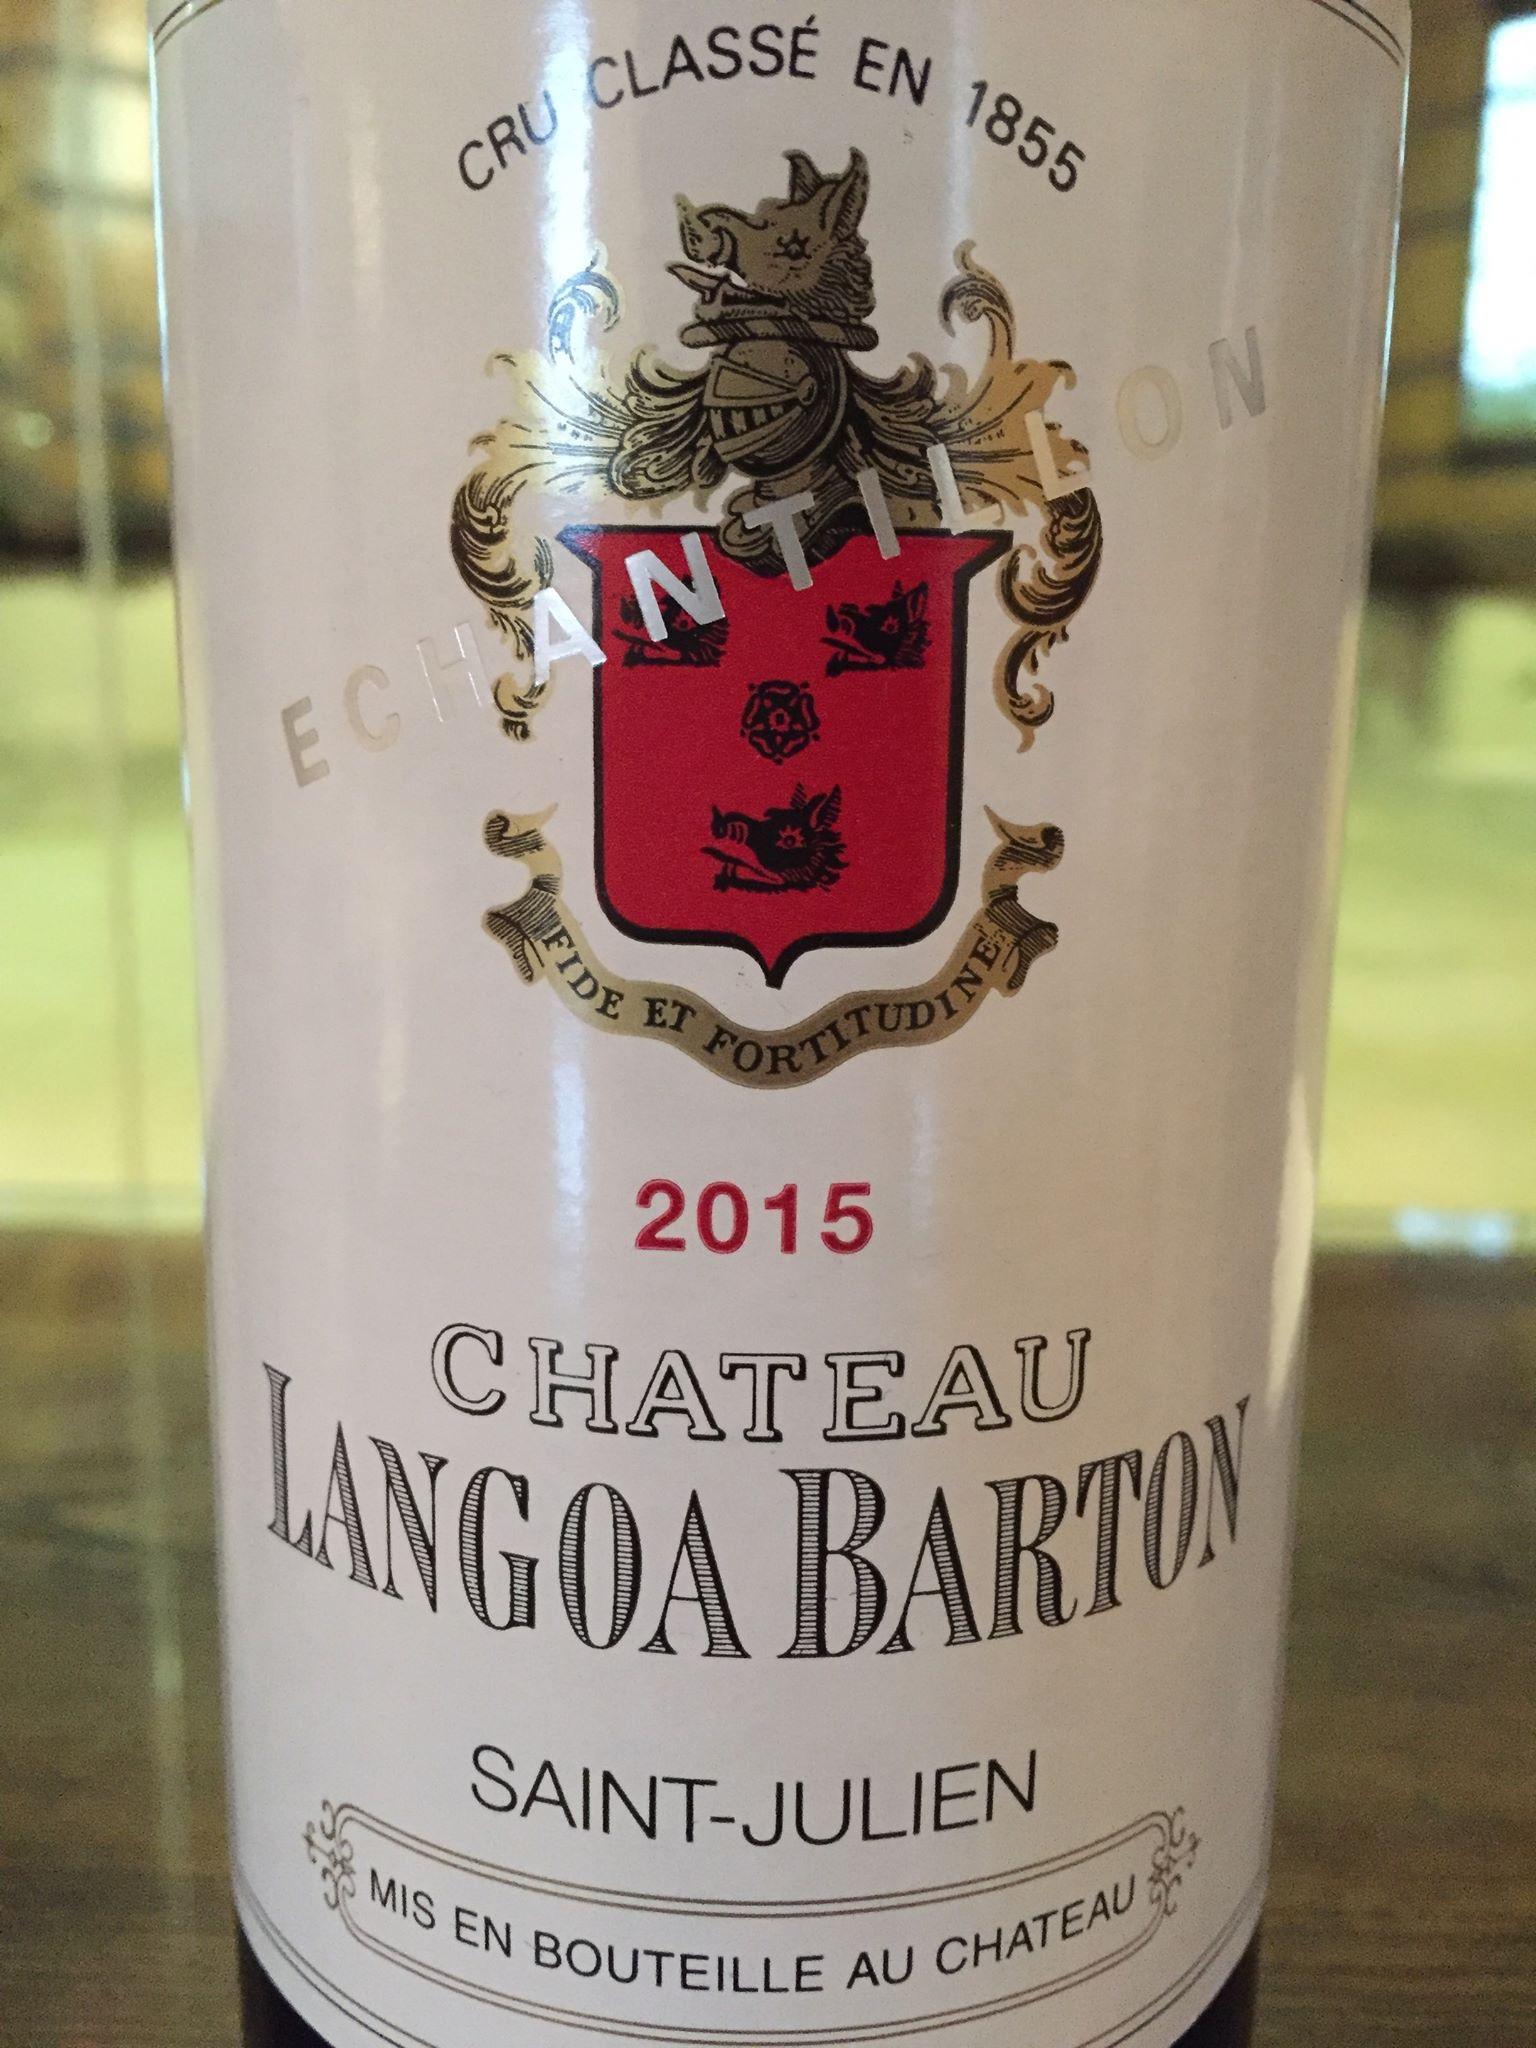 Château Langoa Barton 2015 – Saint-Julien, 3ème Grand Cru Classé